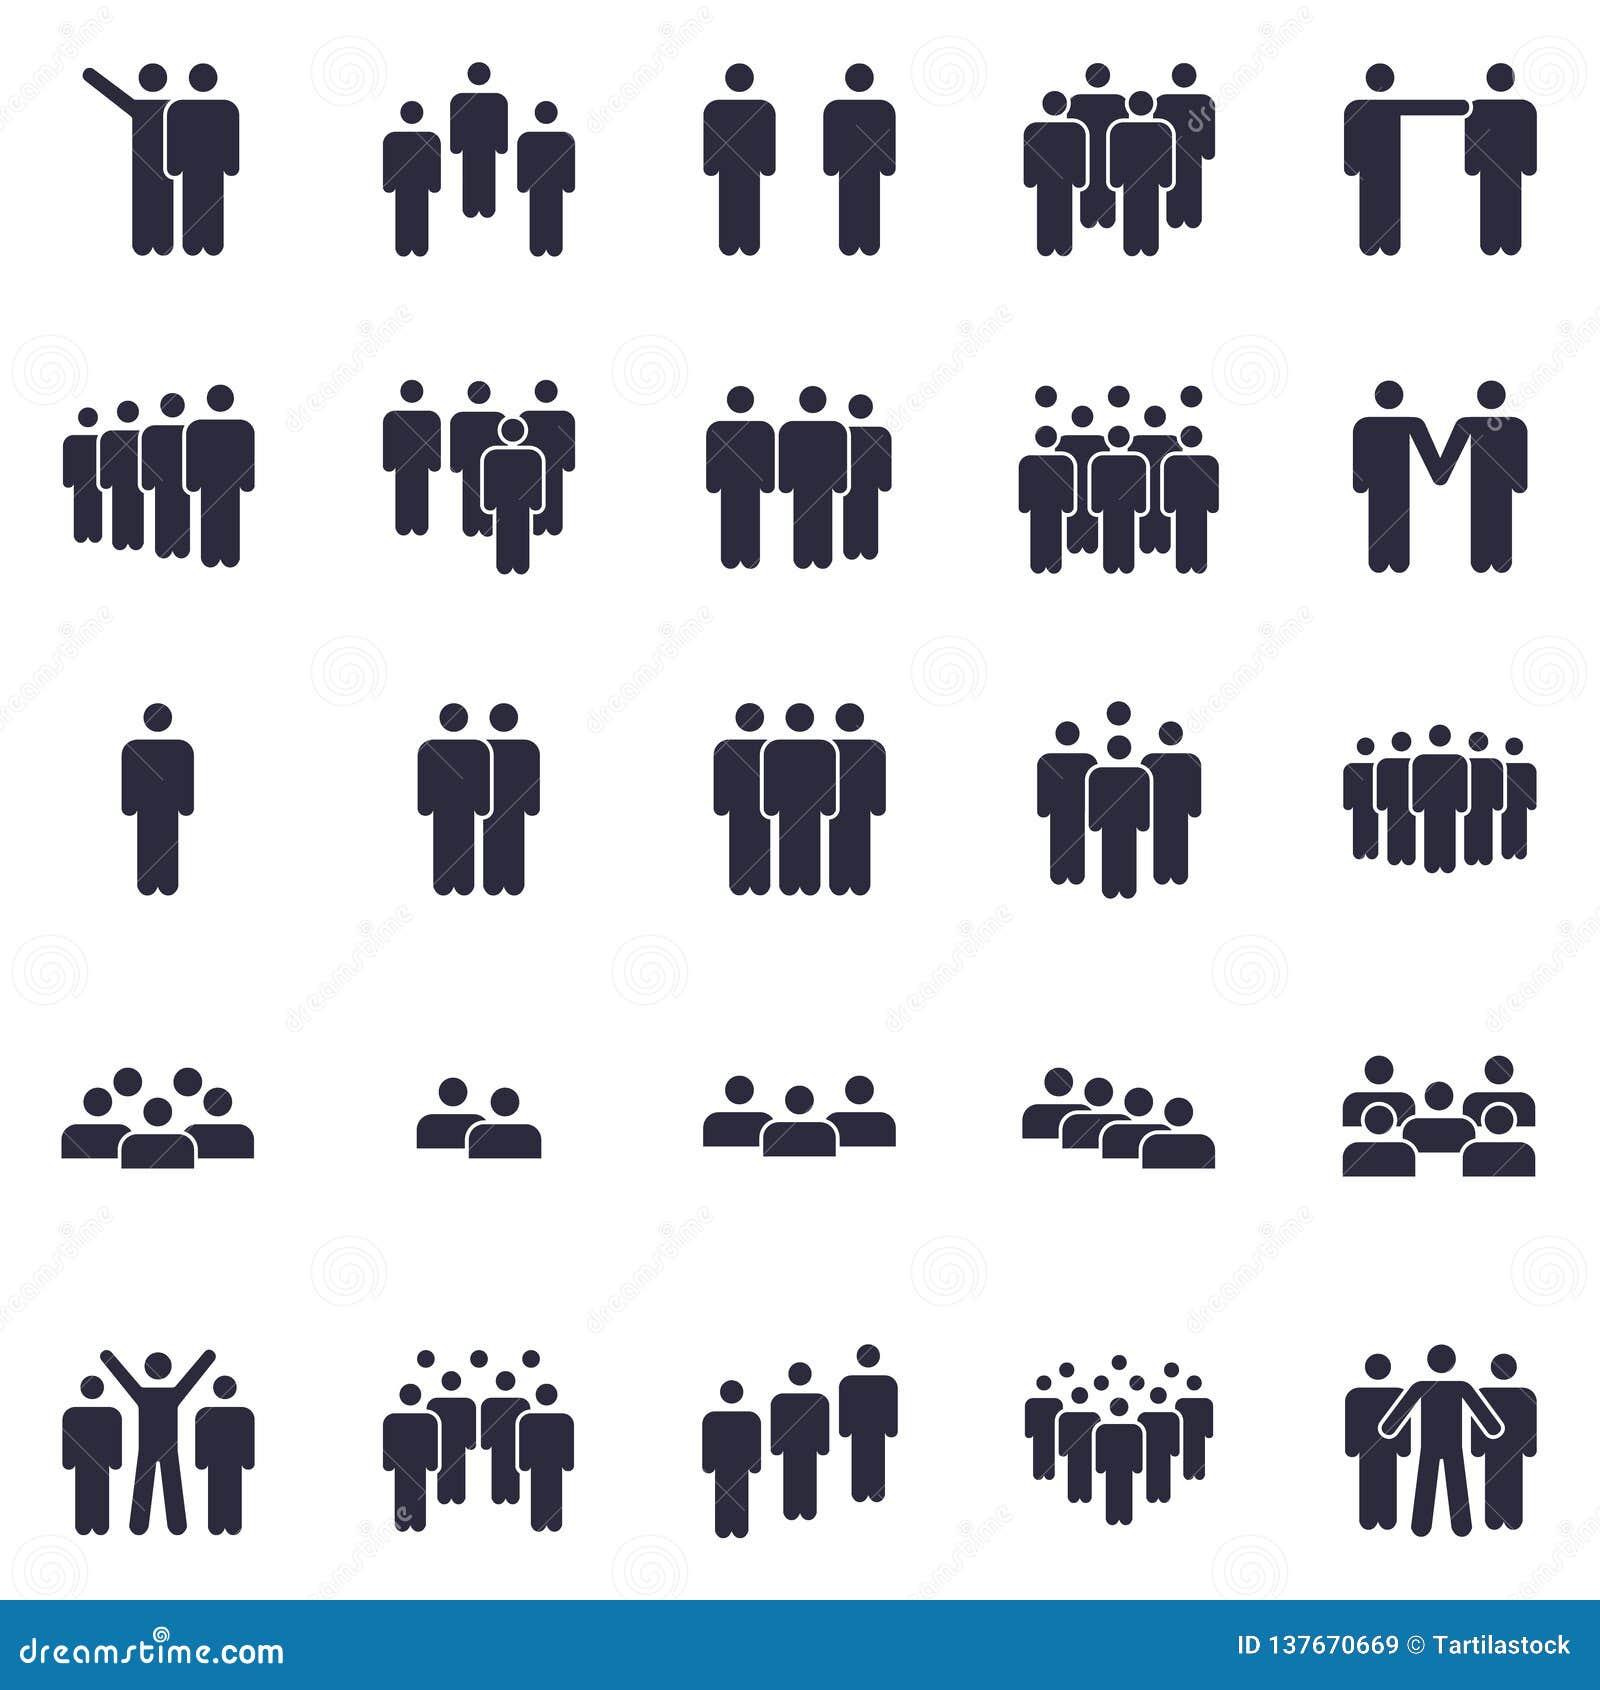 Ομάδες εικονιδίου προσώπων Το πρόσωπο επιχειρησιακών ομάδων, το σύμβολο ανθρώπων ομαδικής εργασίας γραφείων και η ομάδα εργασίας